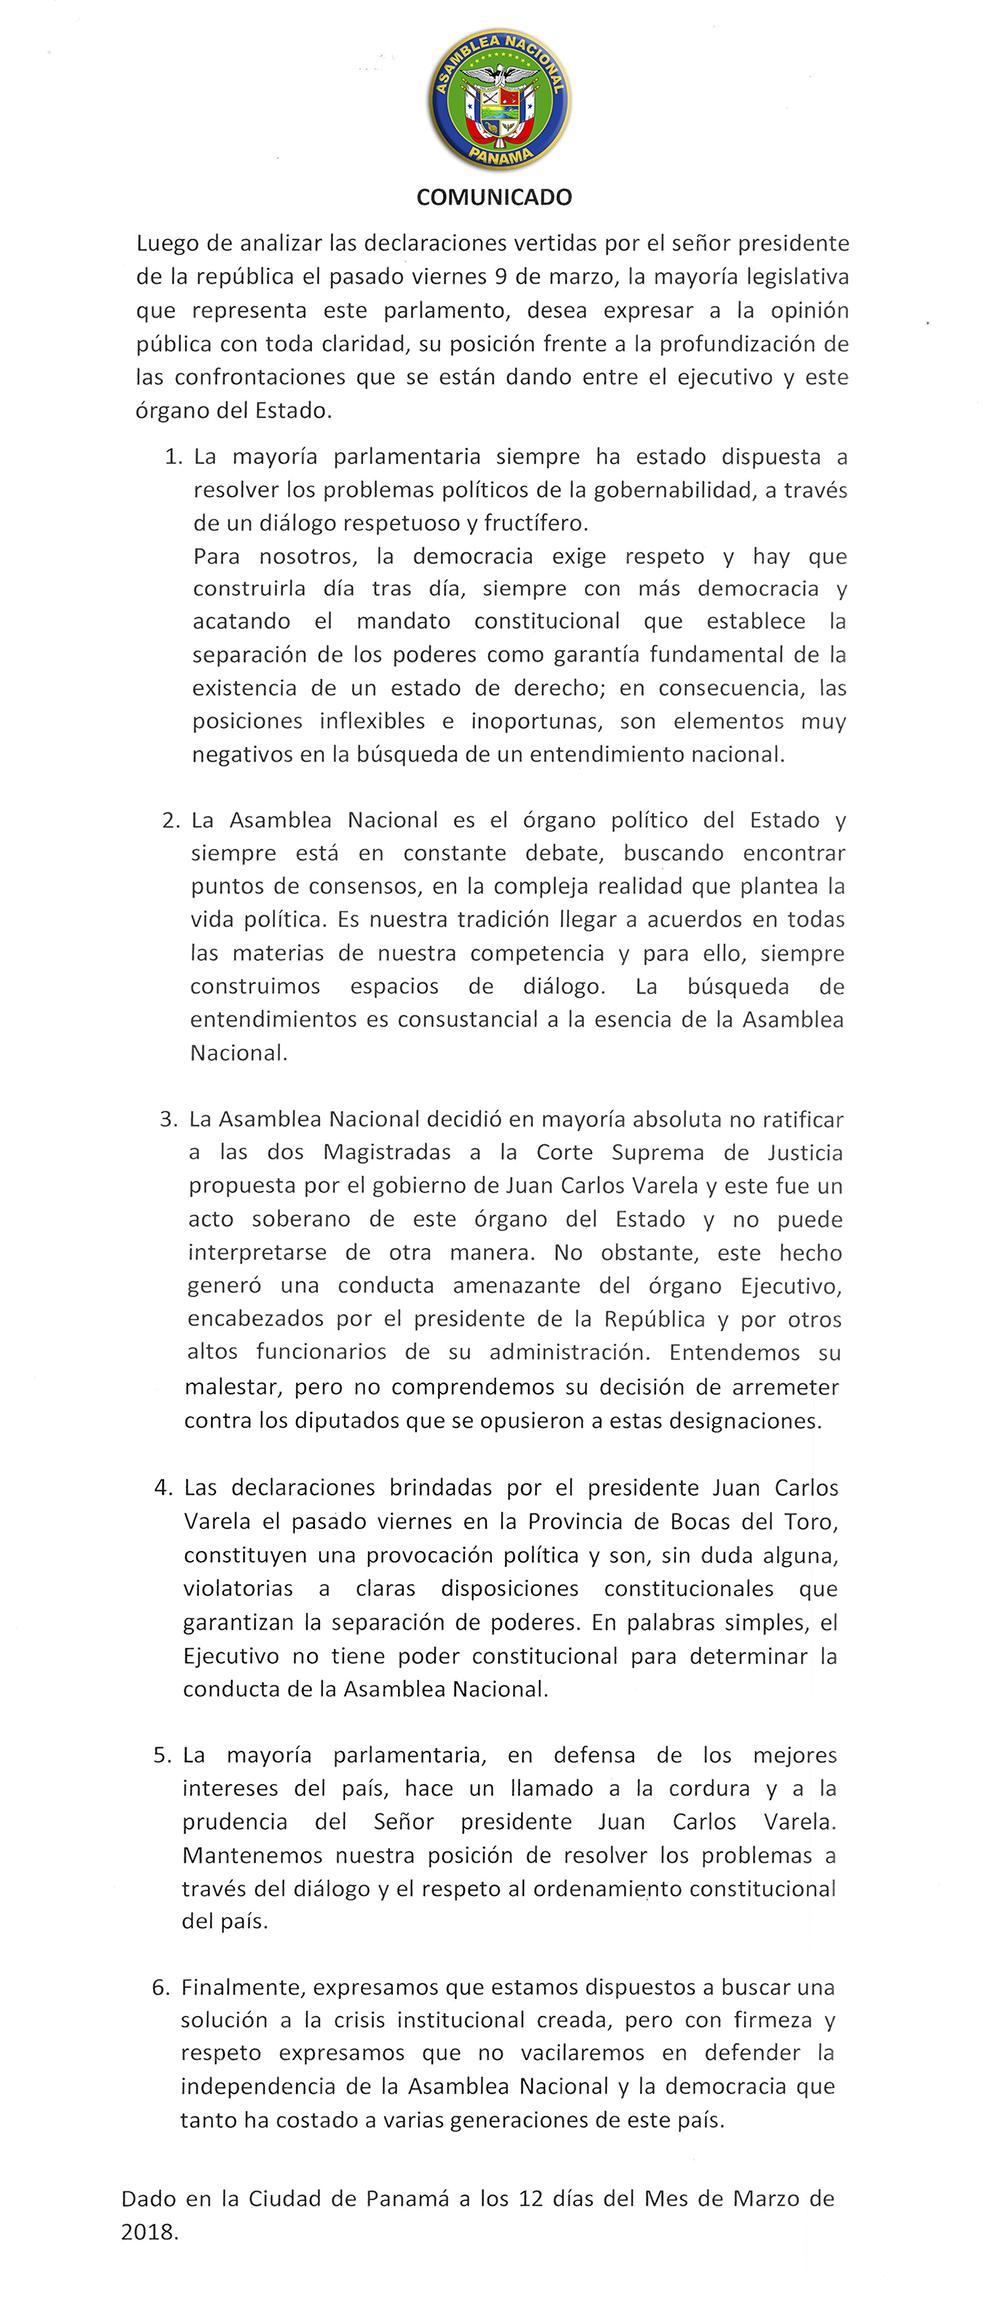 comunicado-asamblea-sobre-presidente